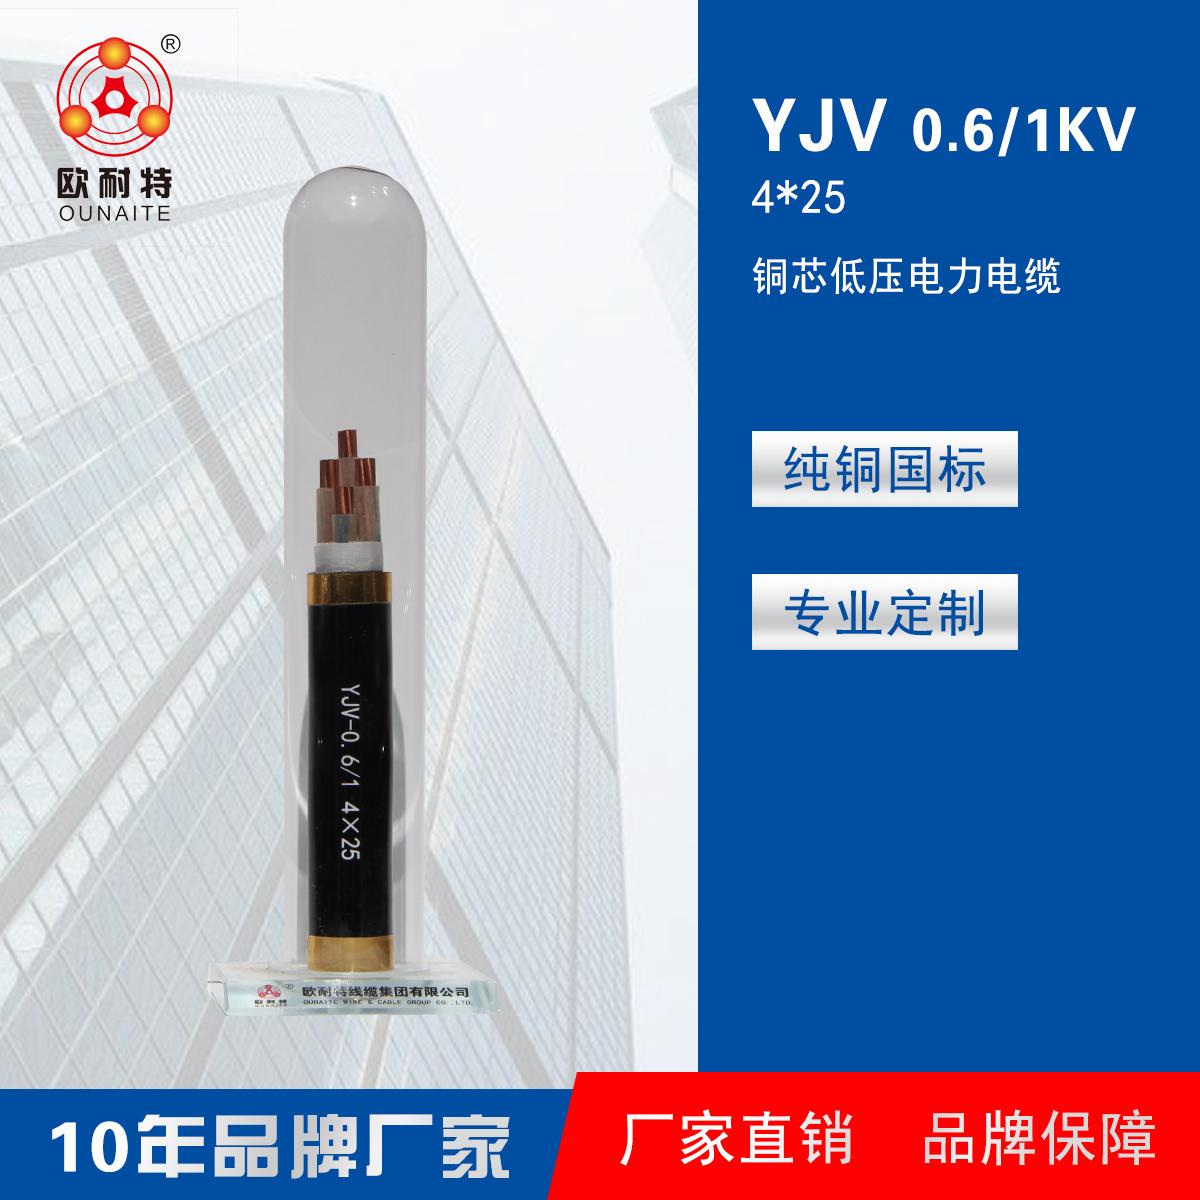 低压交联YJV 0.6/1KV 4*25